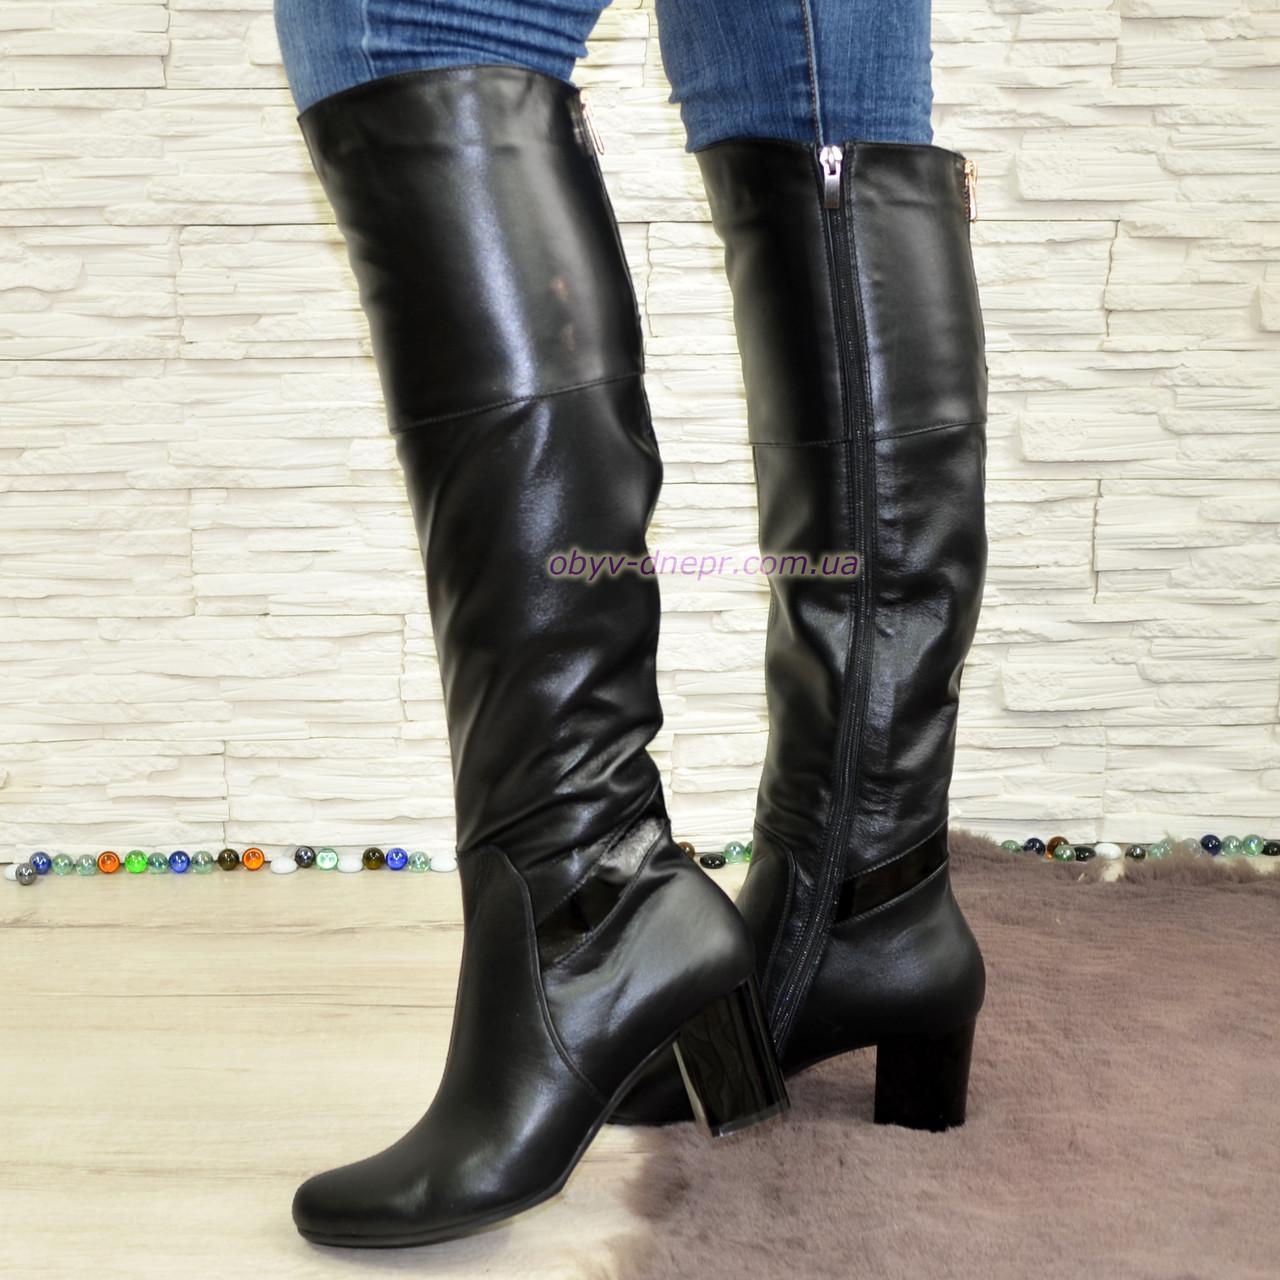 Ботфорты черные кожаные зимние на устойчивом каблуке, декорированы лаковой вставкой